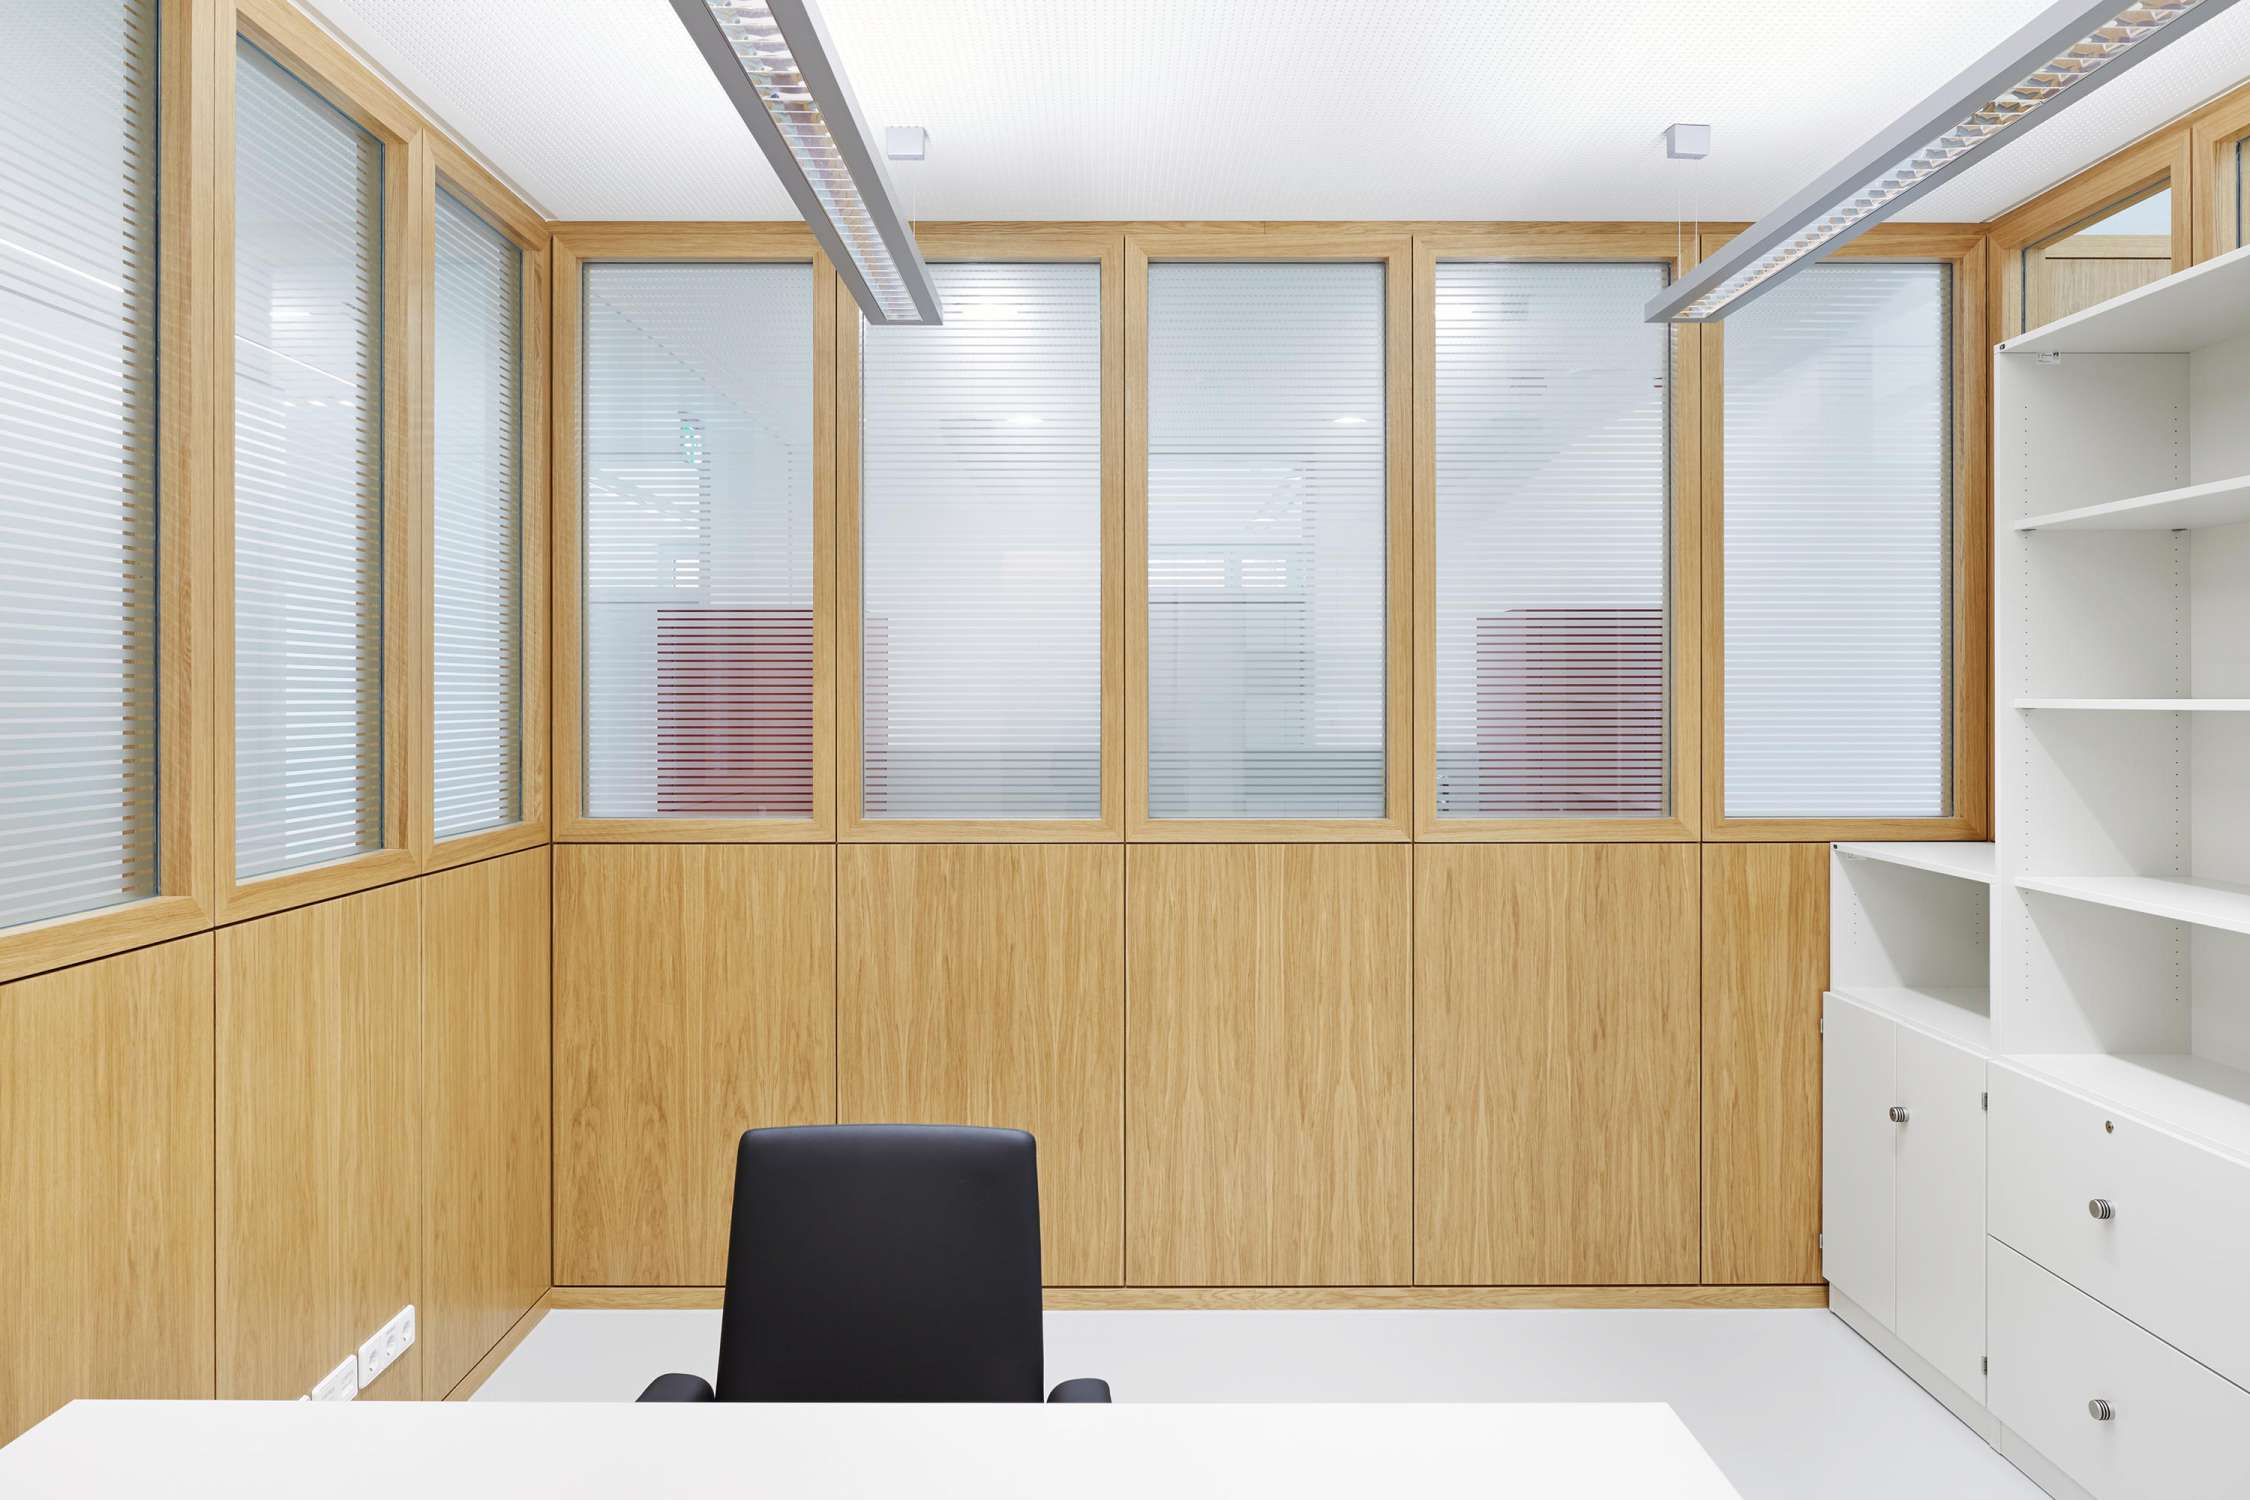 Laborgebäude für präklinische Bildgebung der Werner Siemens-Stiftung (5)